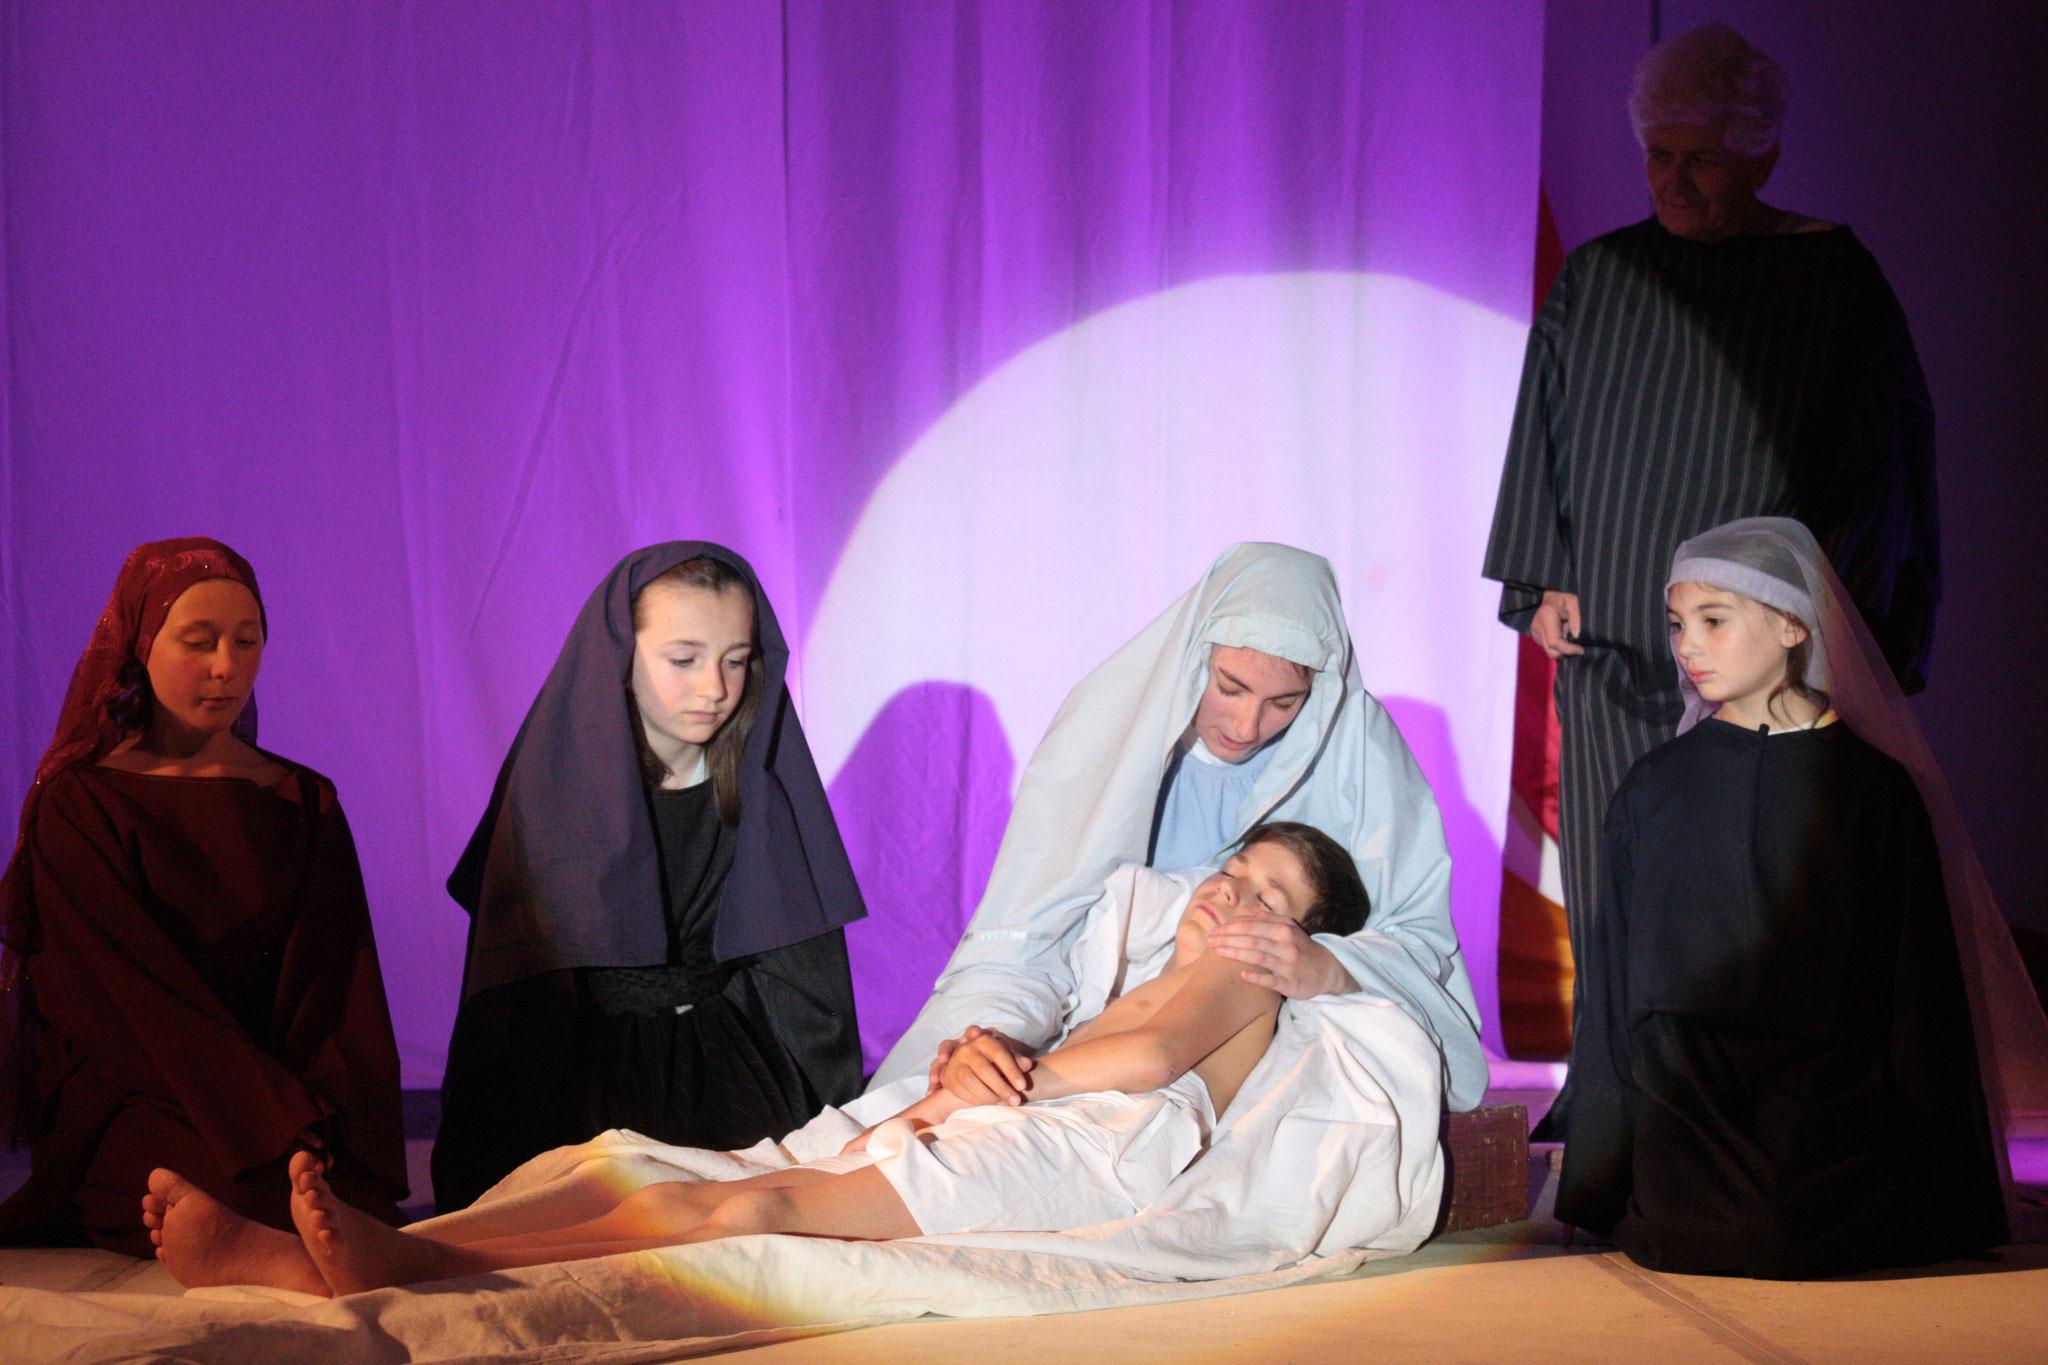 La Vierge de douleur - photo JDR